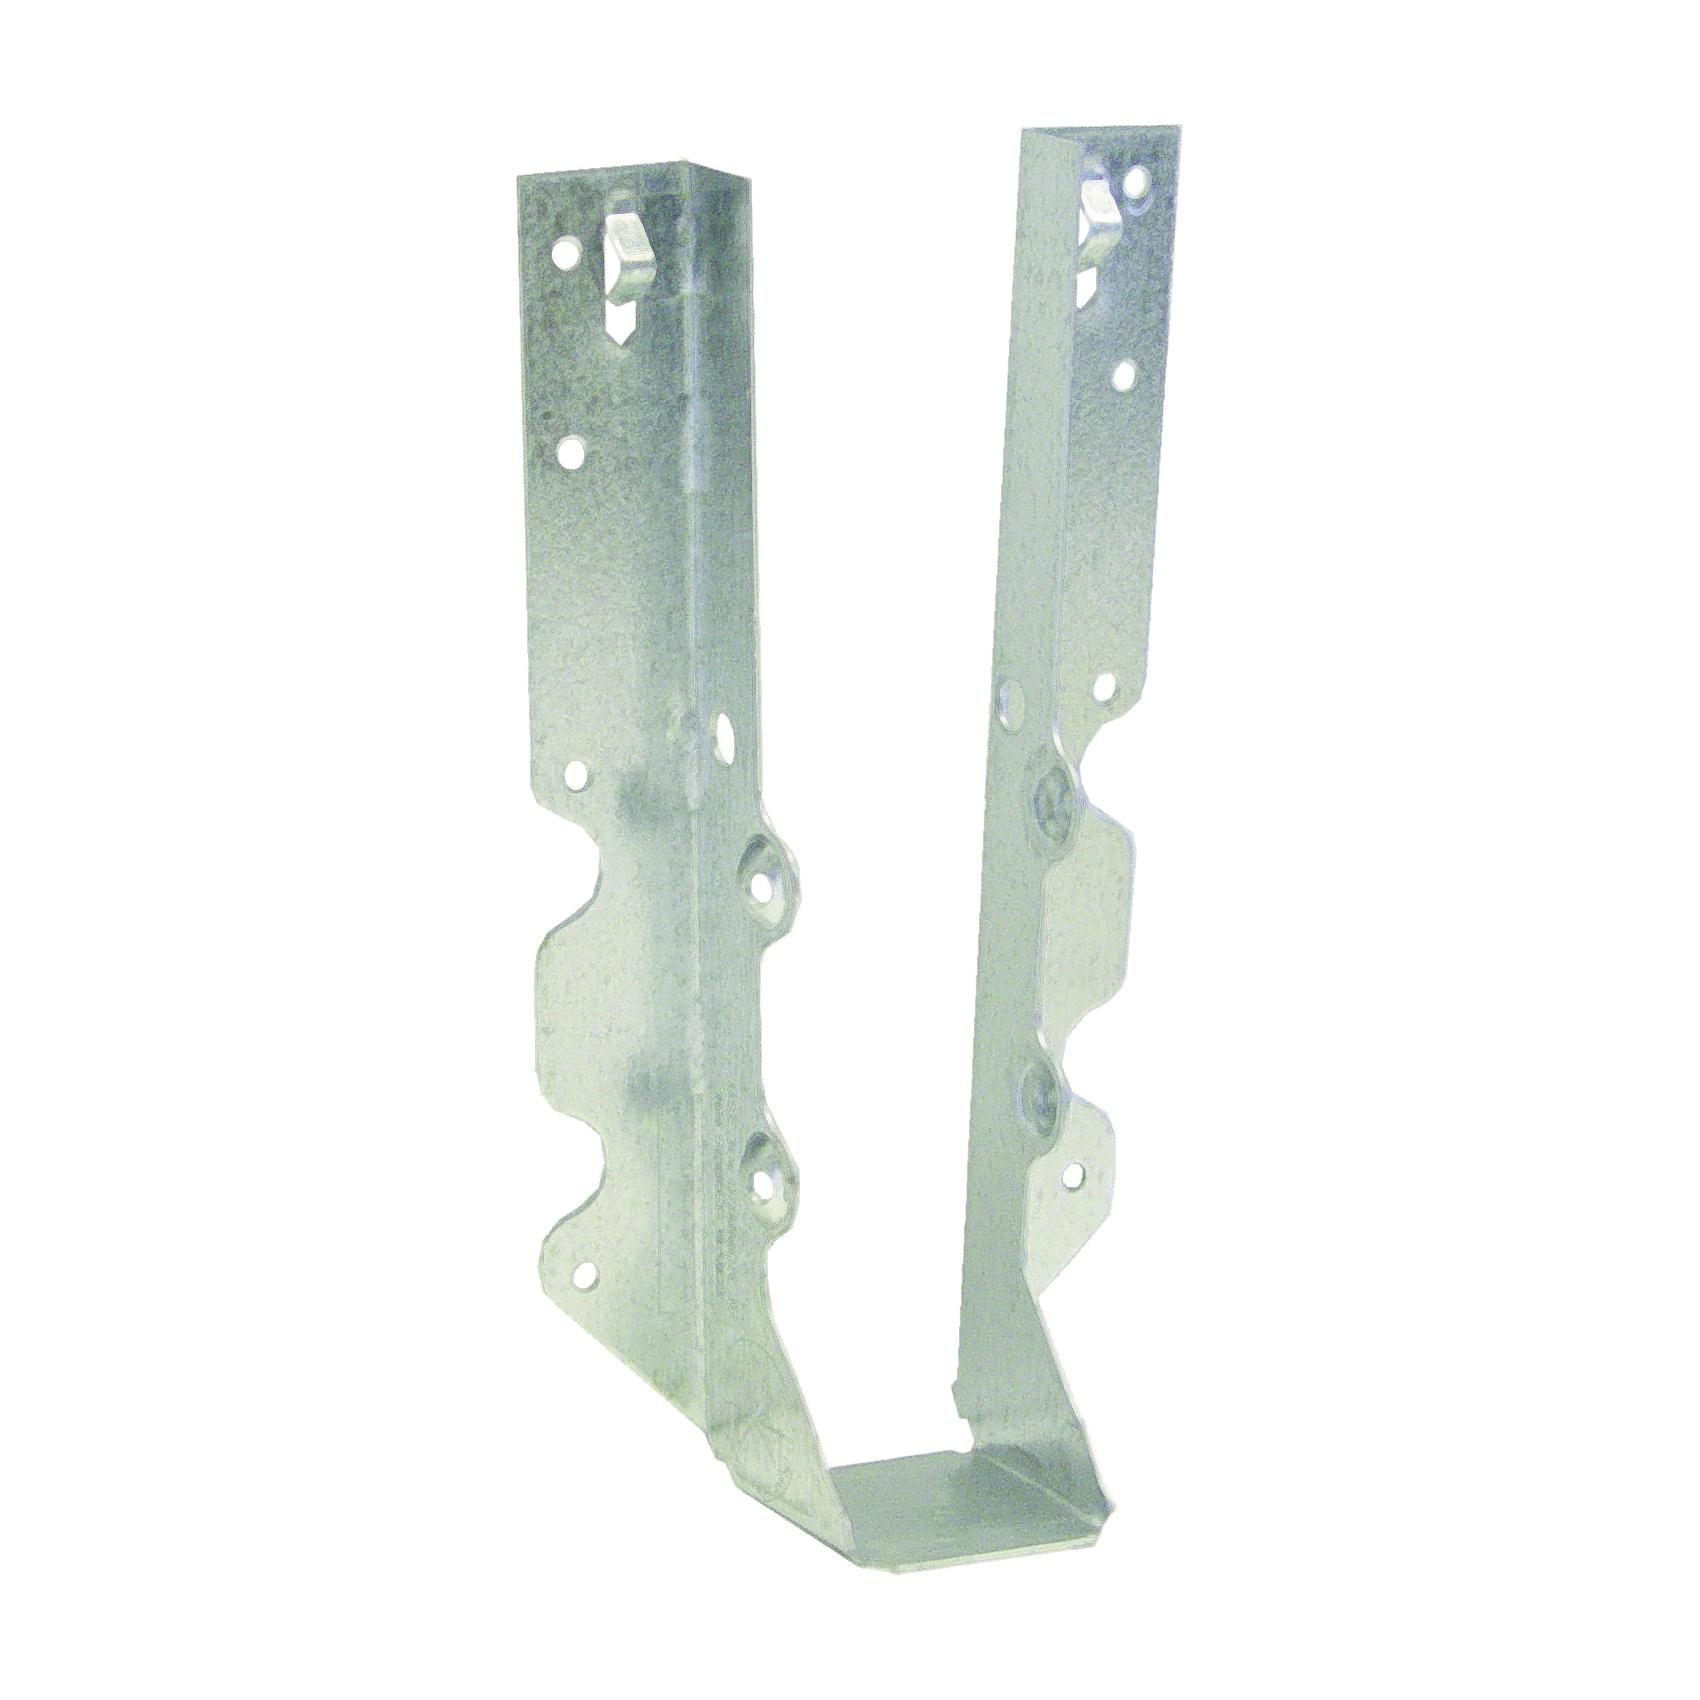 Picture of MiTek JUS210-TZ Slant Joist Hanger, 7-3/4 in H, 1-3/4 in D, 1-9/16 in W, 2 in L x 10 to 12 in H, Steel, Zinc